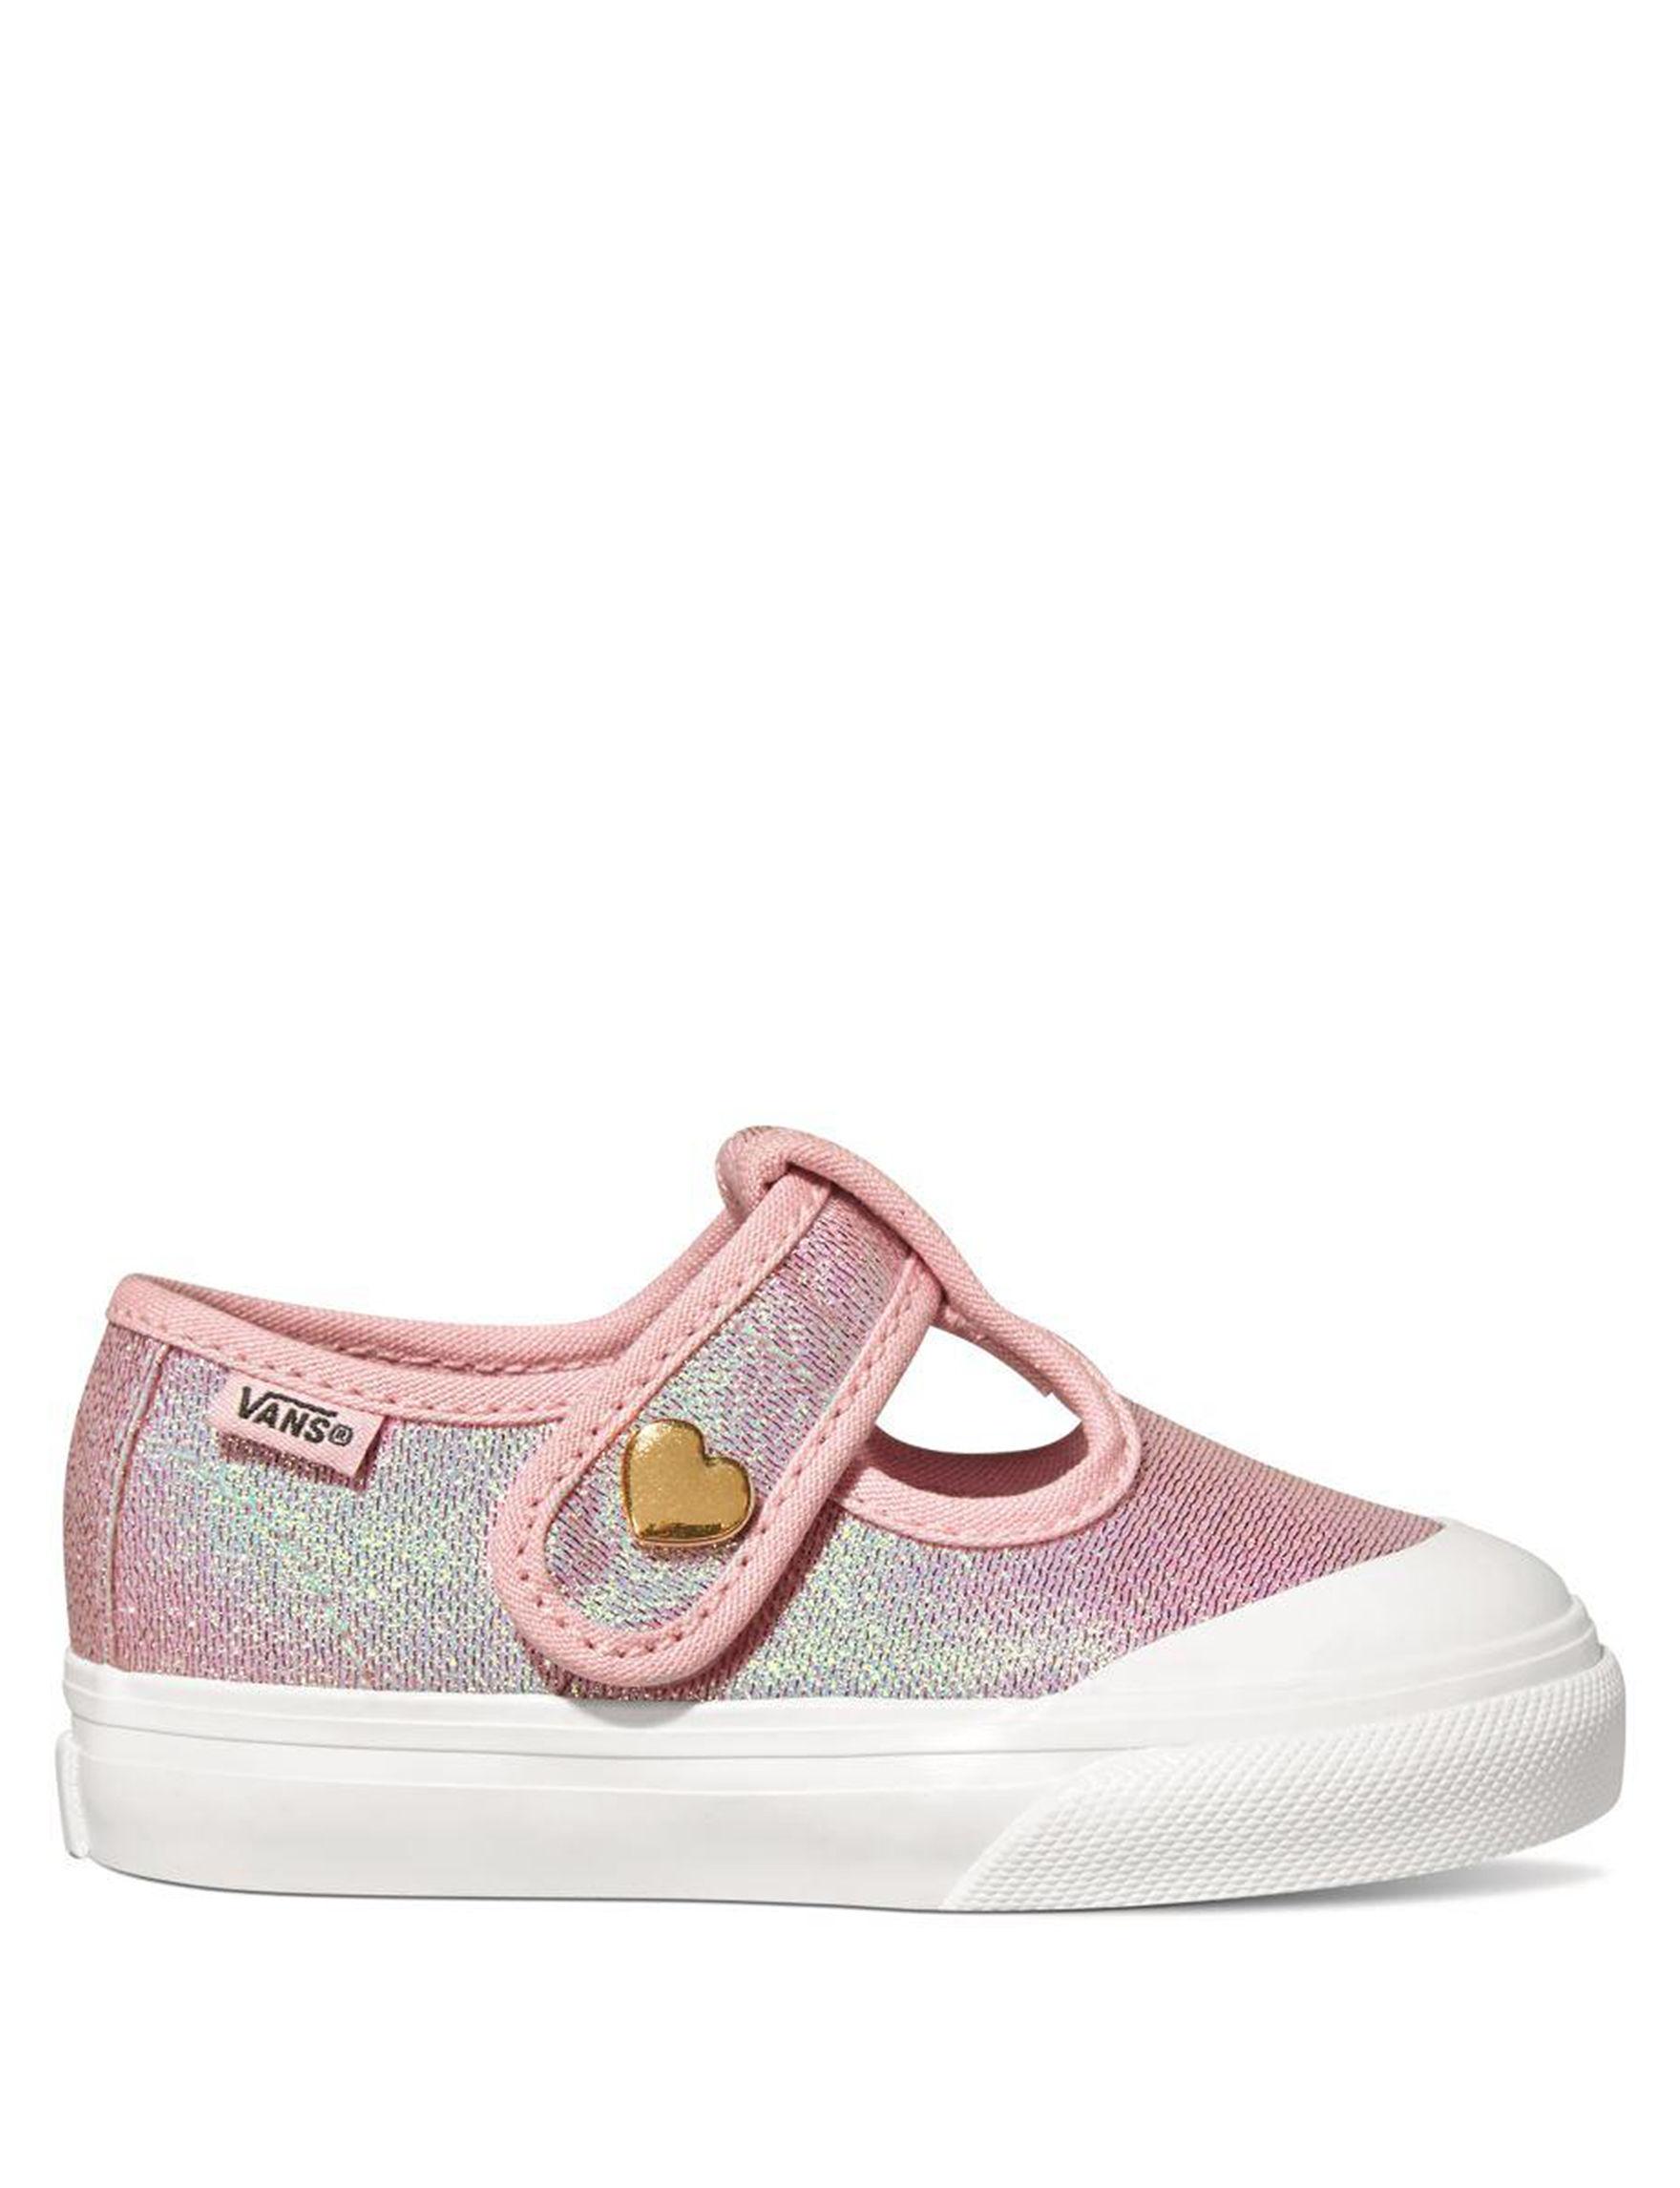 Vans Pink